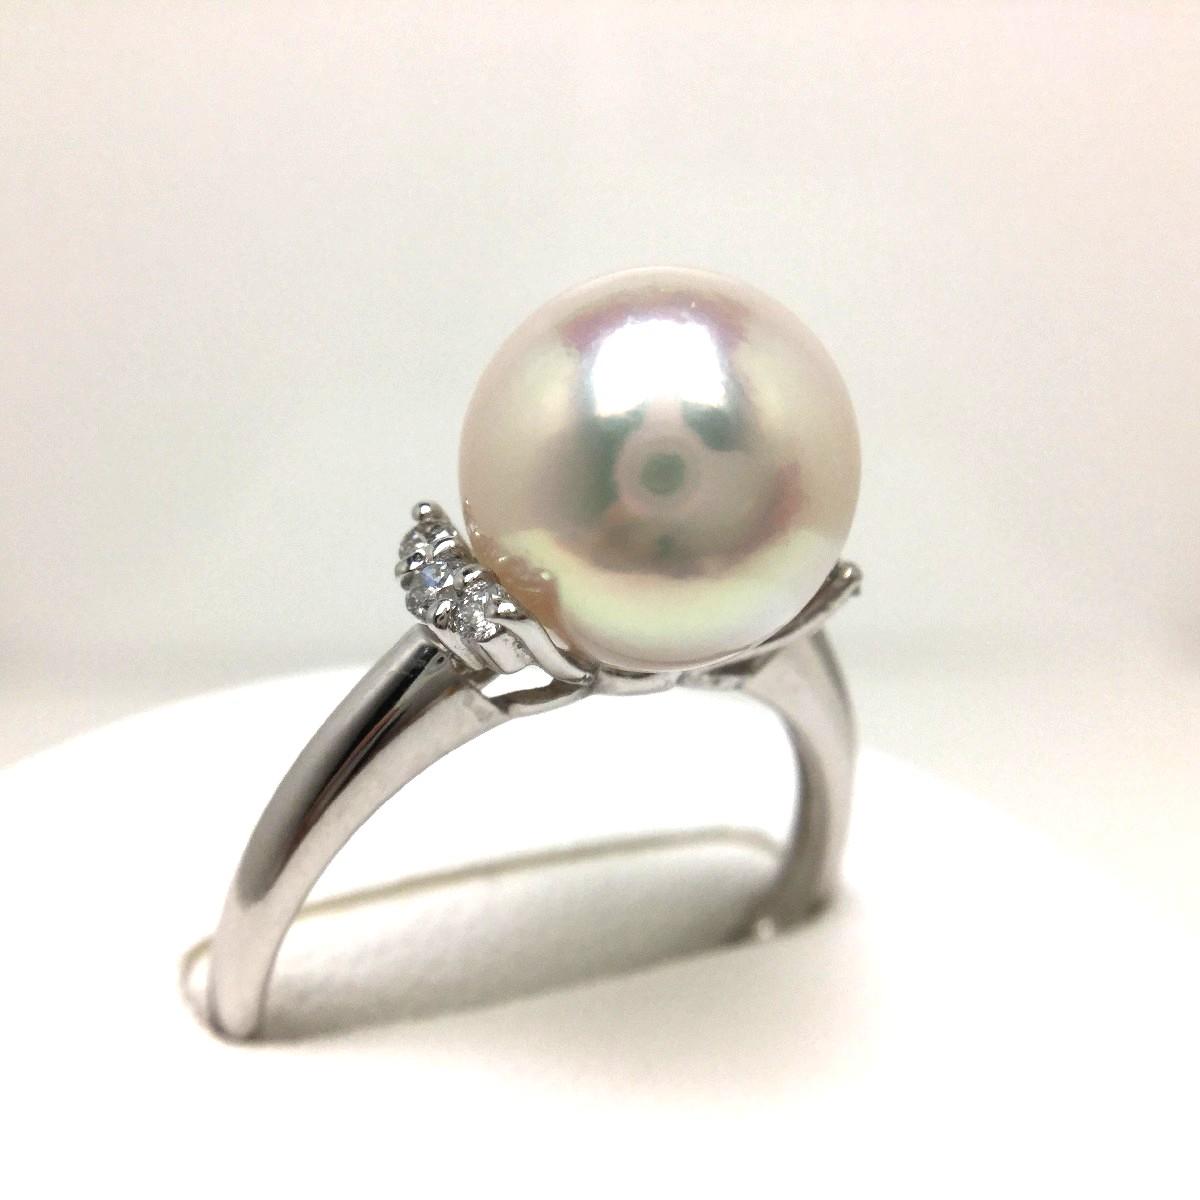 真珠 リング パール オーロラ・花珠 アコヤ真珠 9.3mm ホワイトピンク Pt900 プラチナ ダイヤ 0.1ct 65312 イソワパール